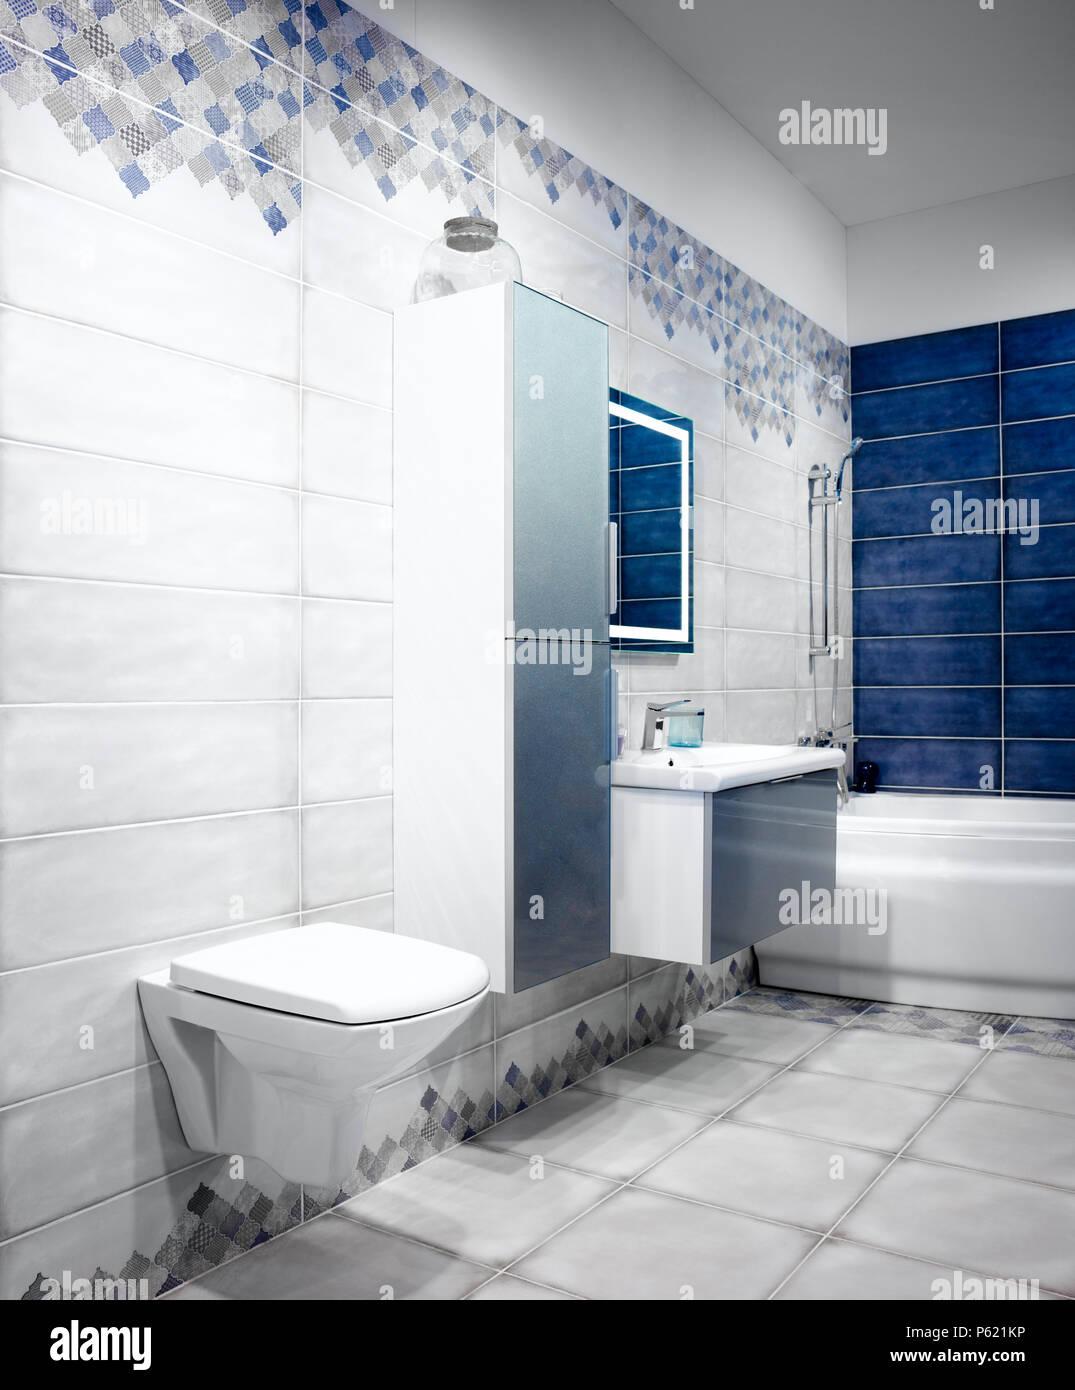 Des Tons Blancs Et Bleus De L Interieur Salle De Bains